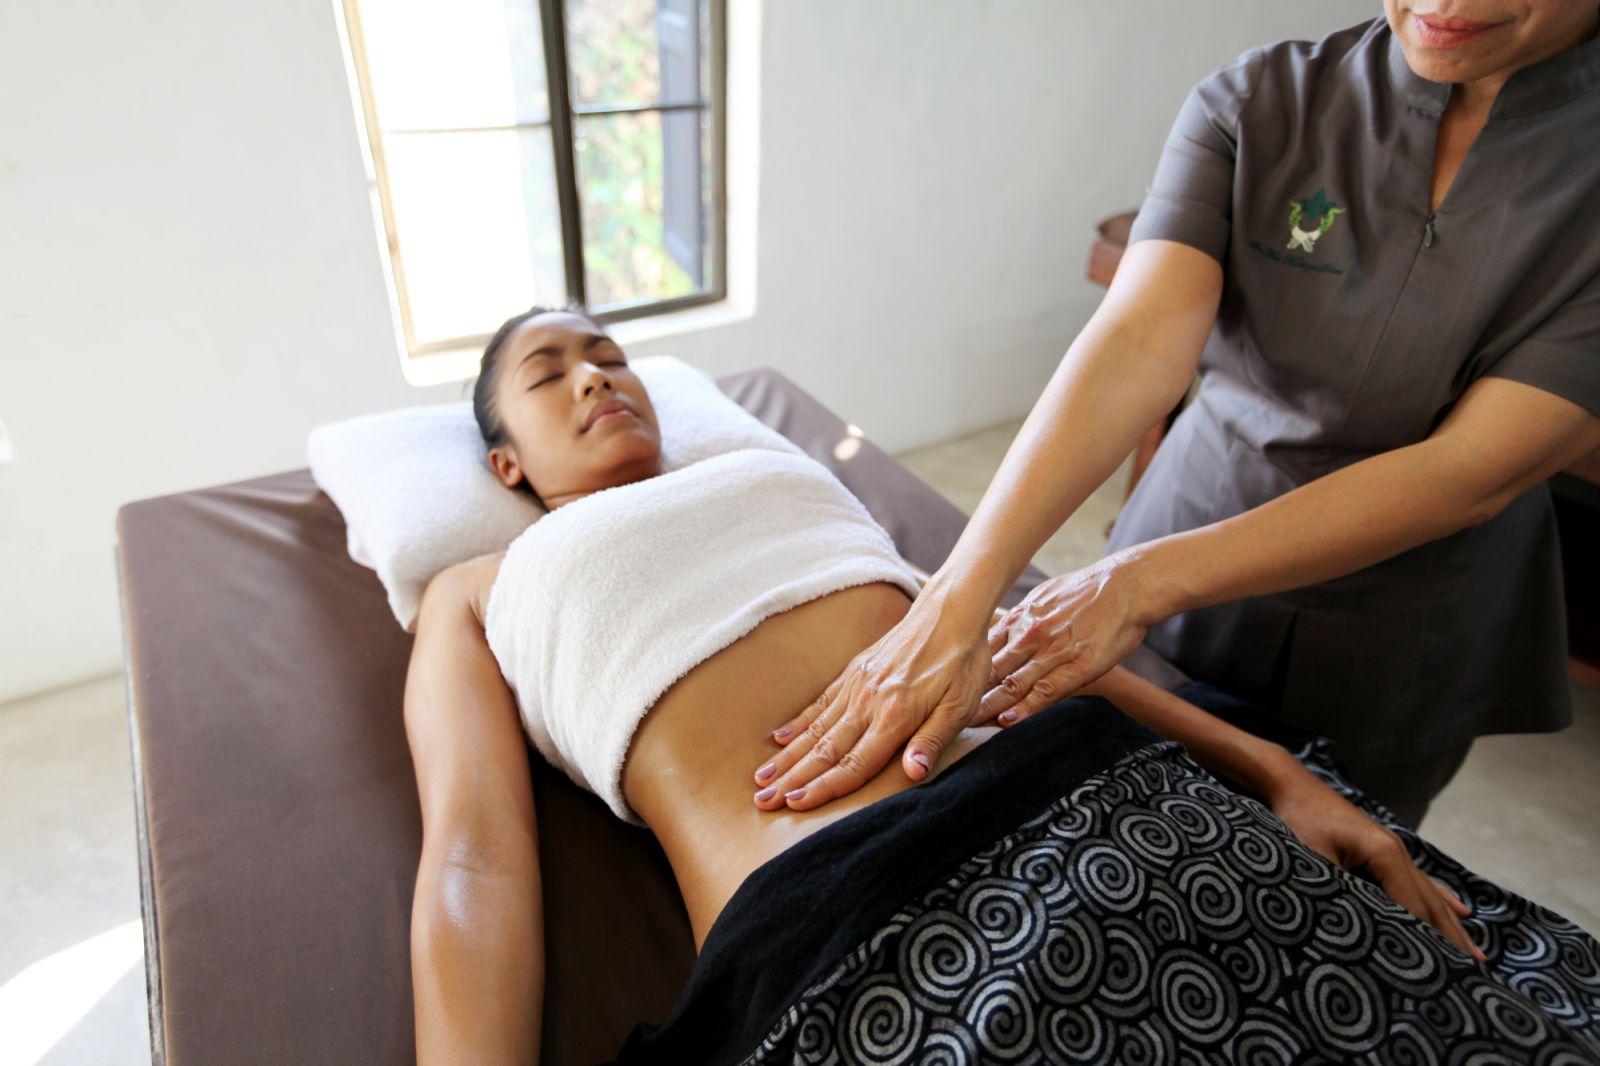 Секс после массажа ролики, Порно массаж и русский секс с массажистами 2 фотография